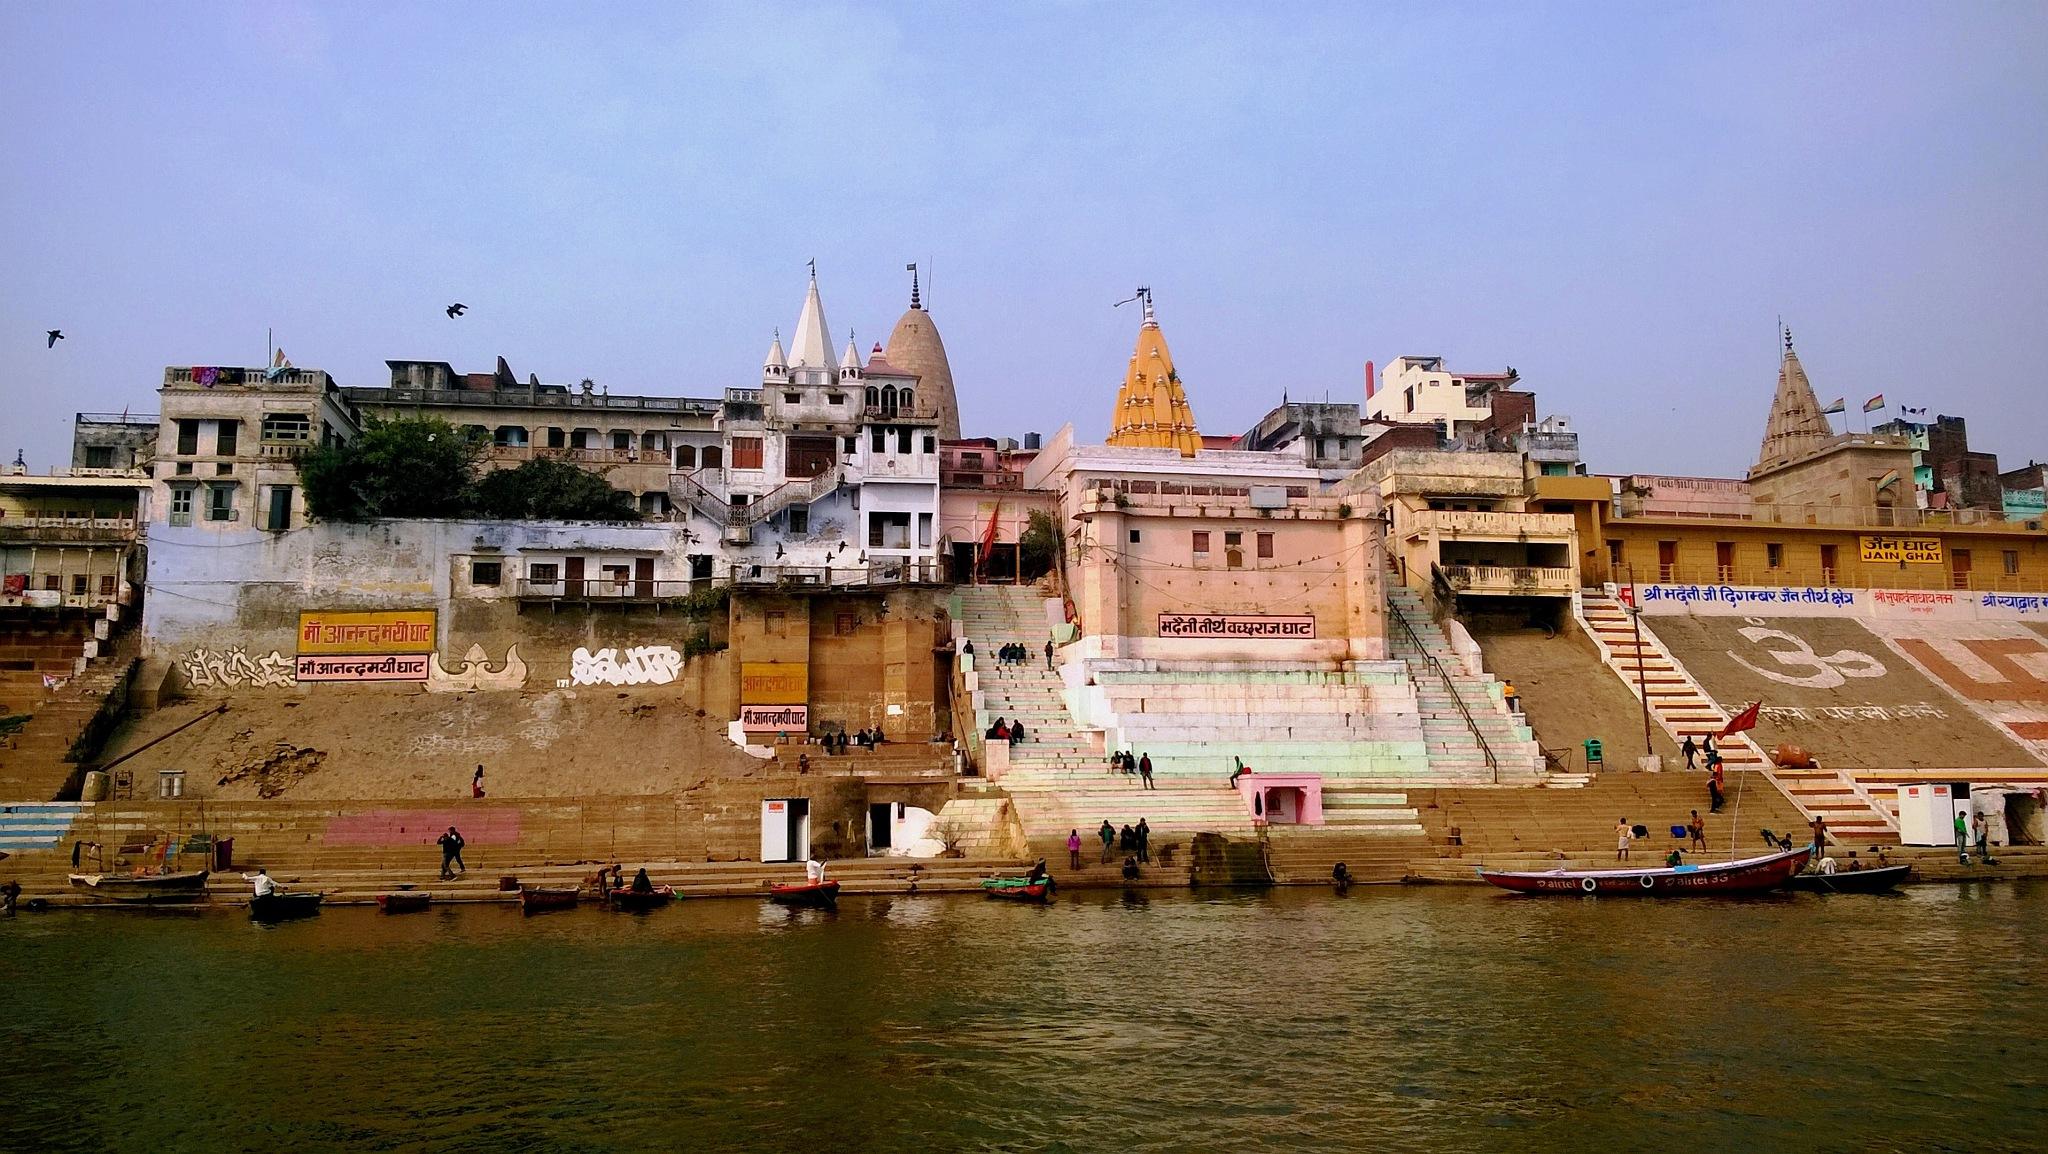 Beauty of Banaras at Ganges 6 by Suresh Tewari